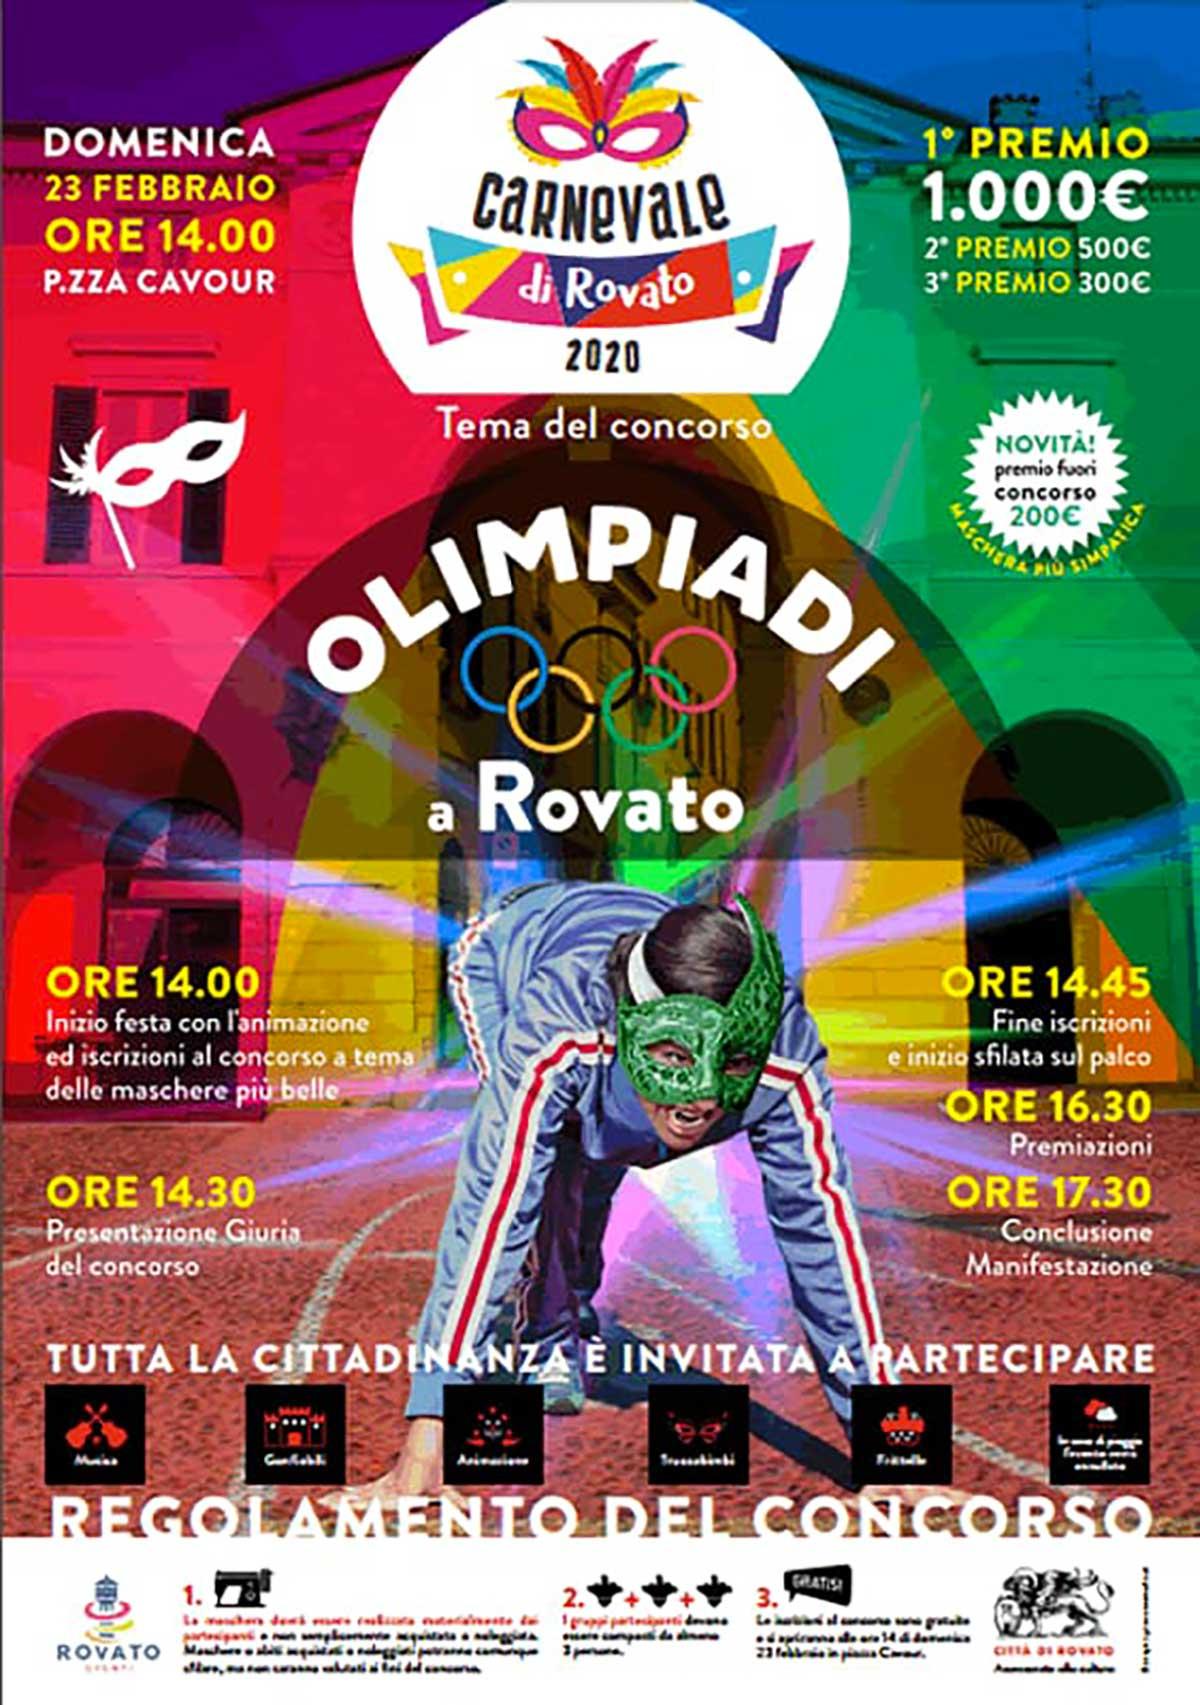 Carnevale-di-Rovato-2020